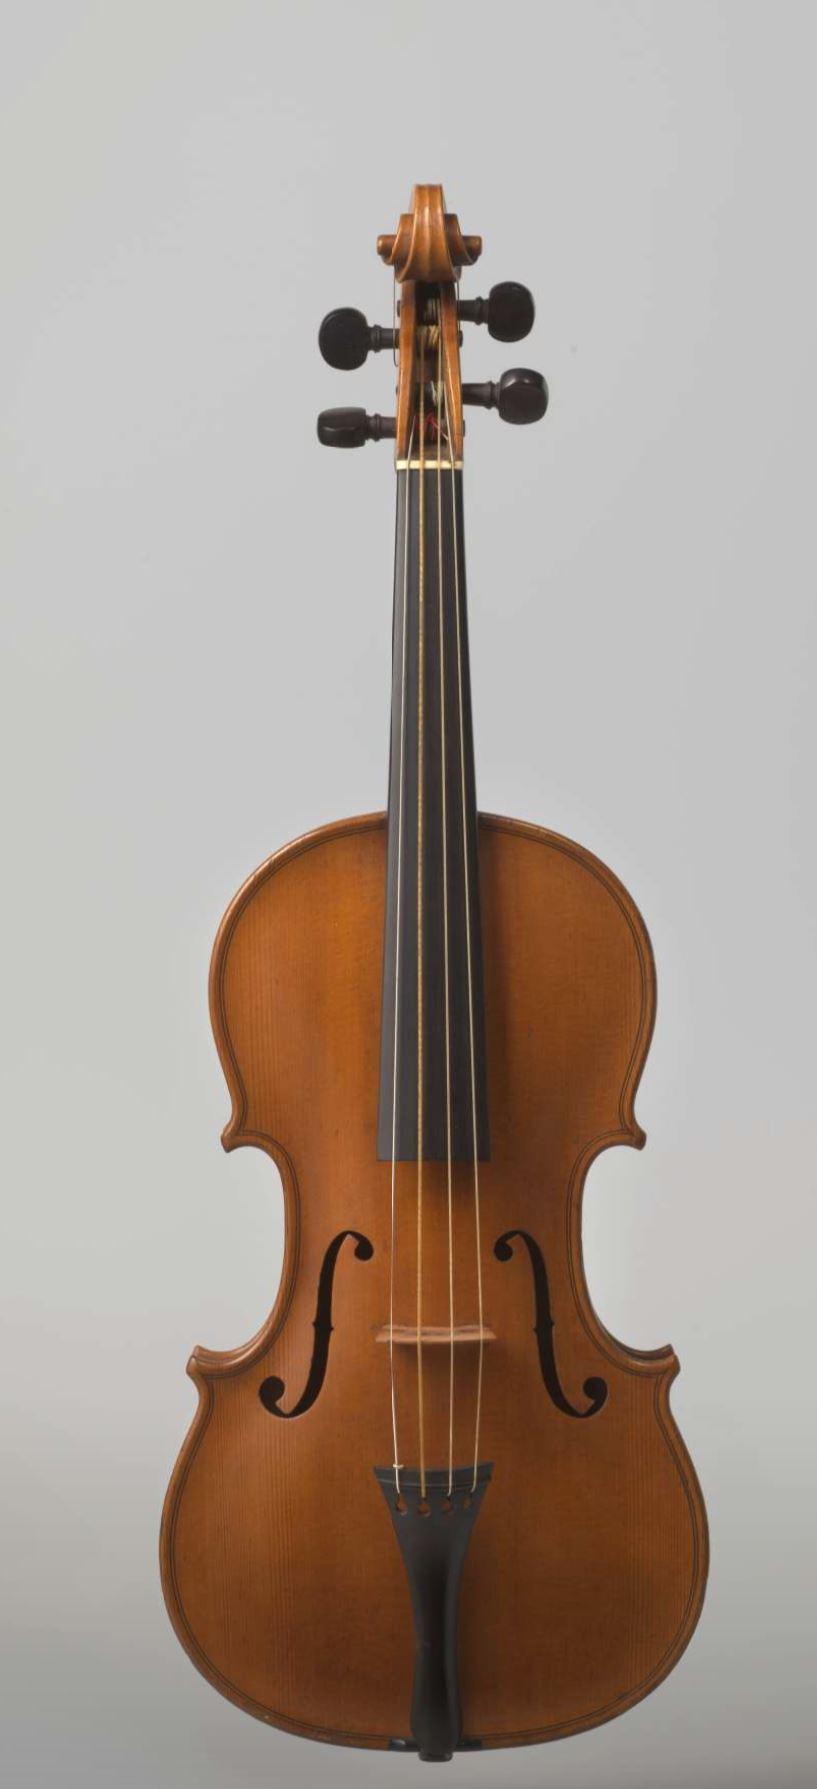 1791 Cuypers viool Rijksmuseum